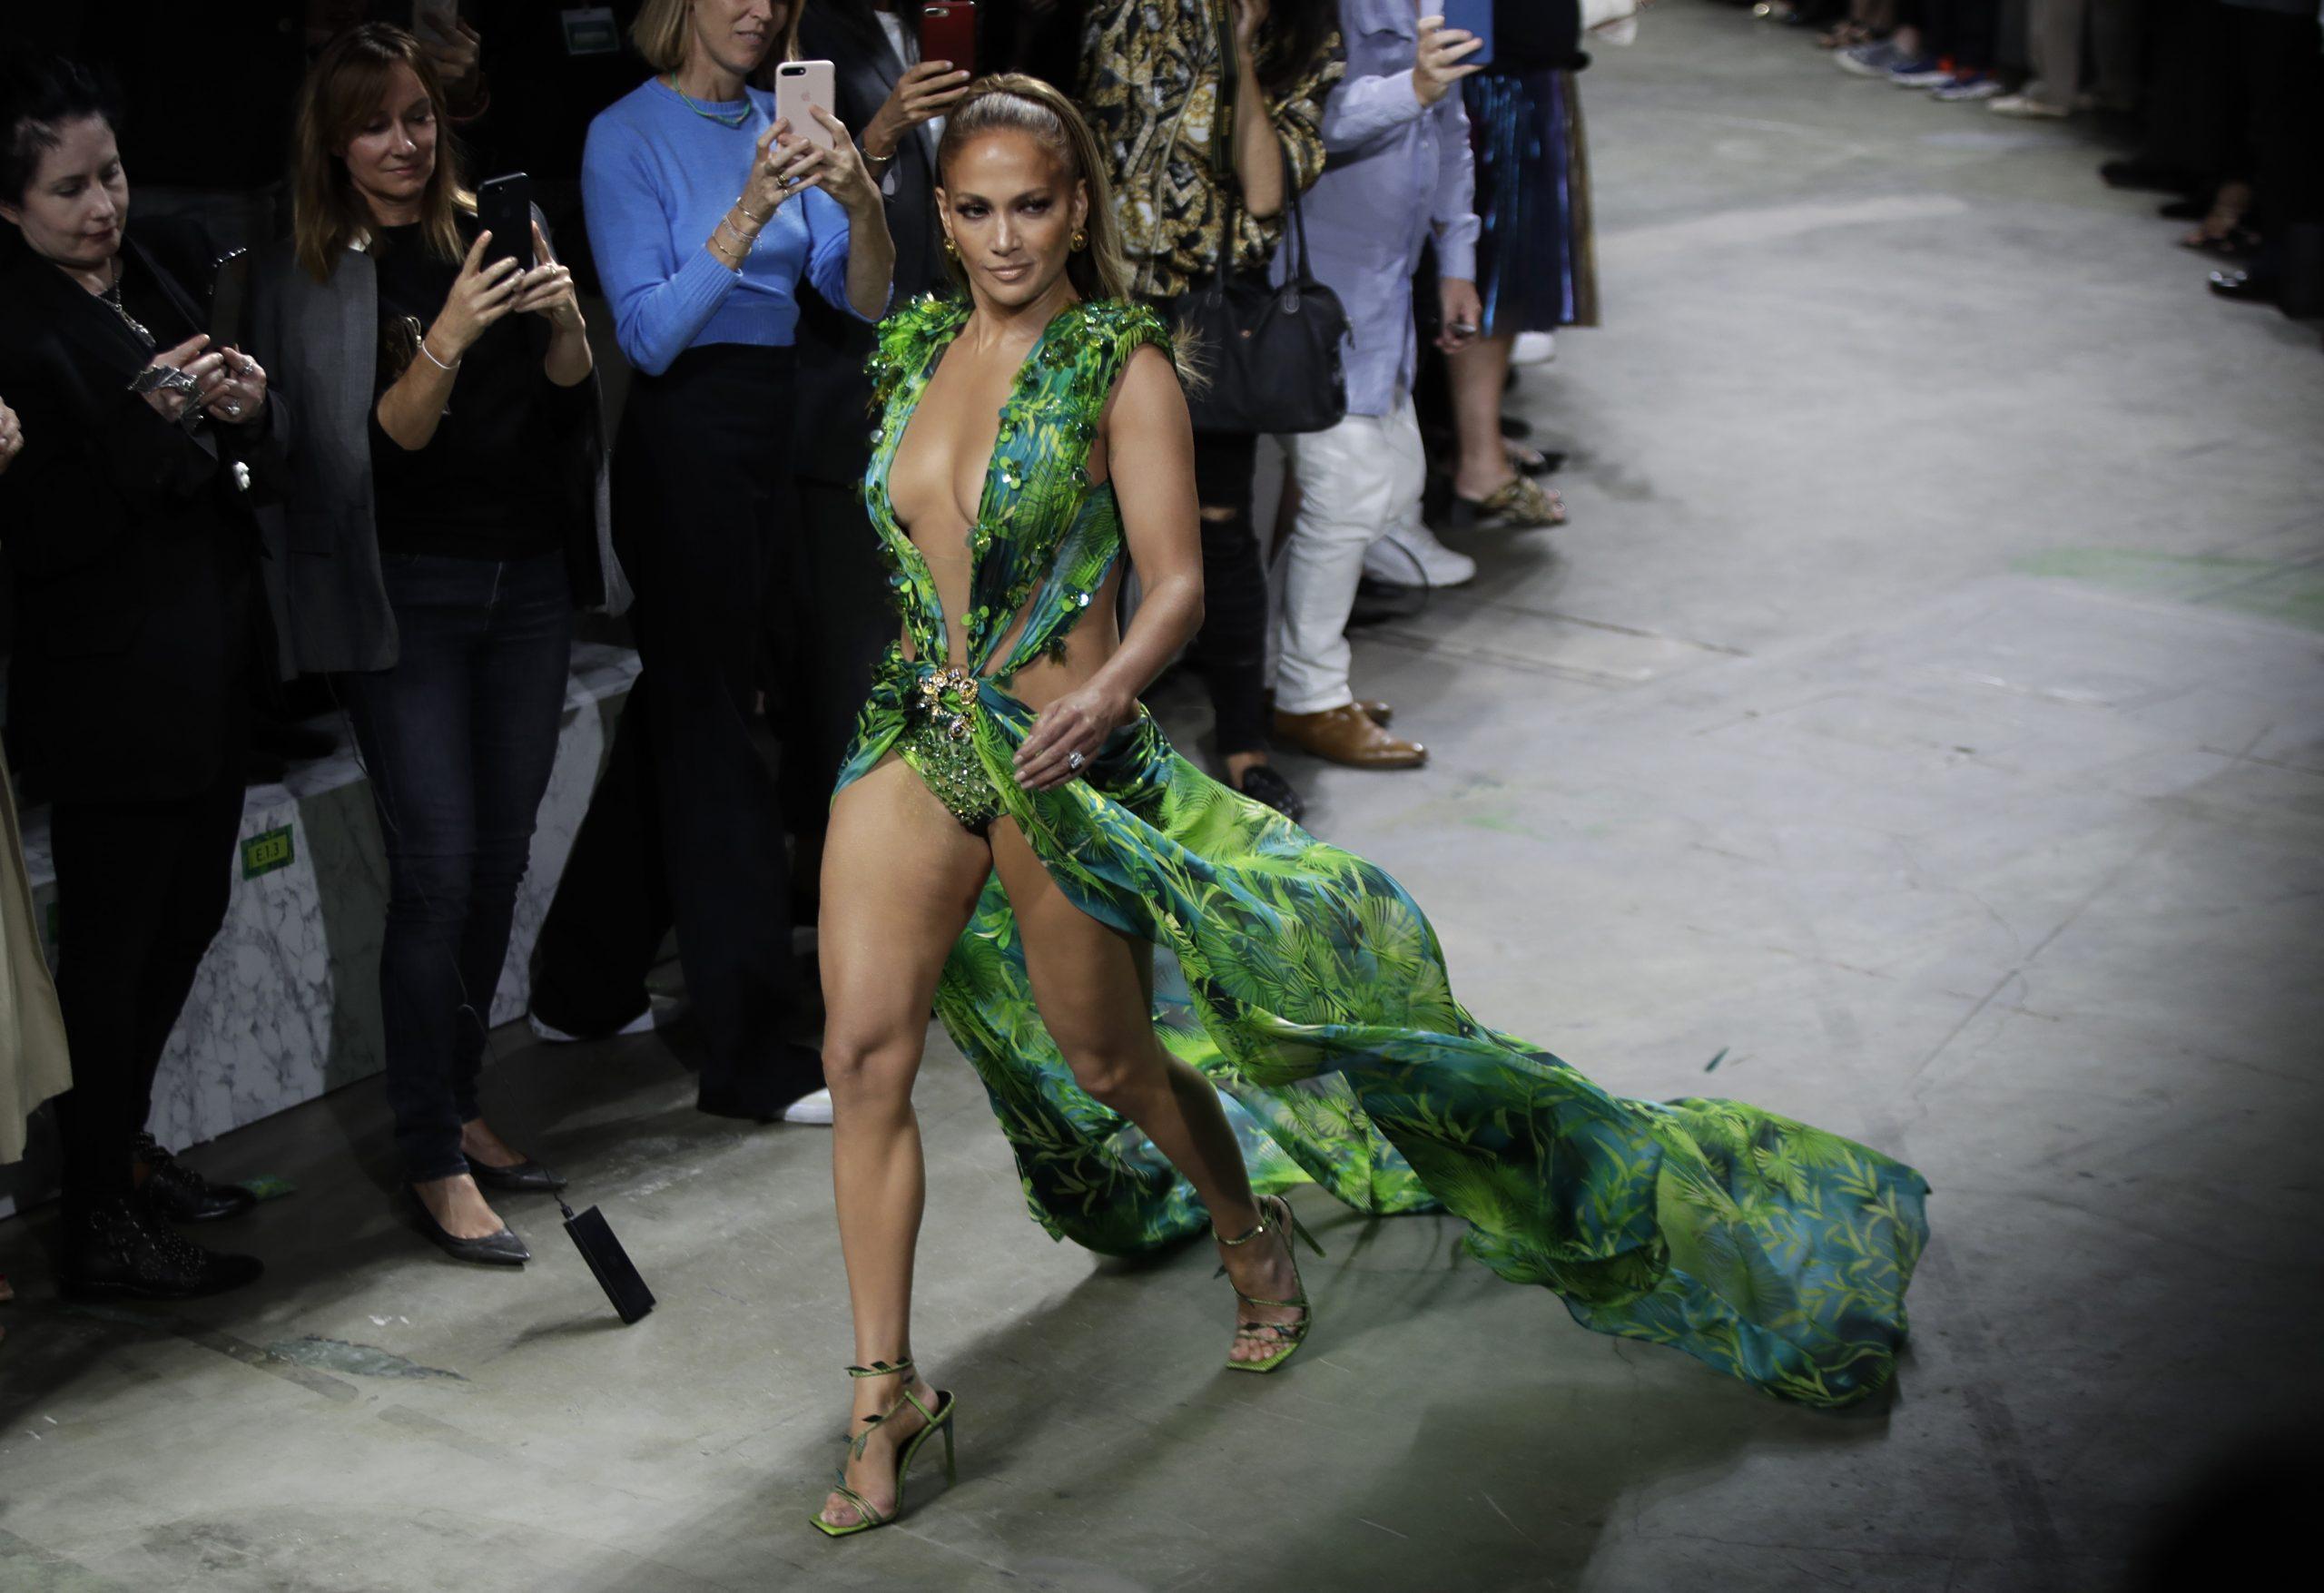 Η δέκα χρόνια μετά τα 40 Jennifer Lopez, φόρεσε μια παραλλαγή του σέξι Versace φορέματος που είχε φορέσει το 2000, είκοσι χρόνια μετά